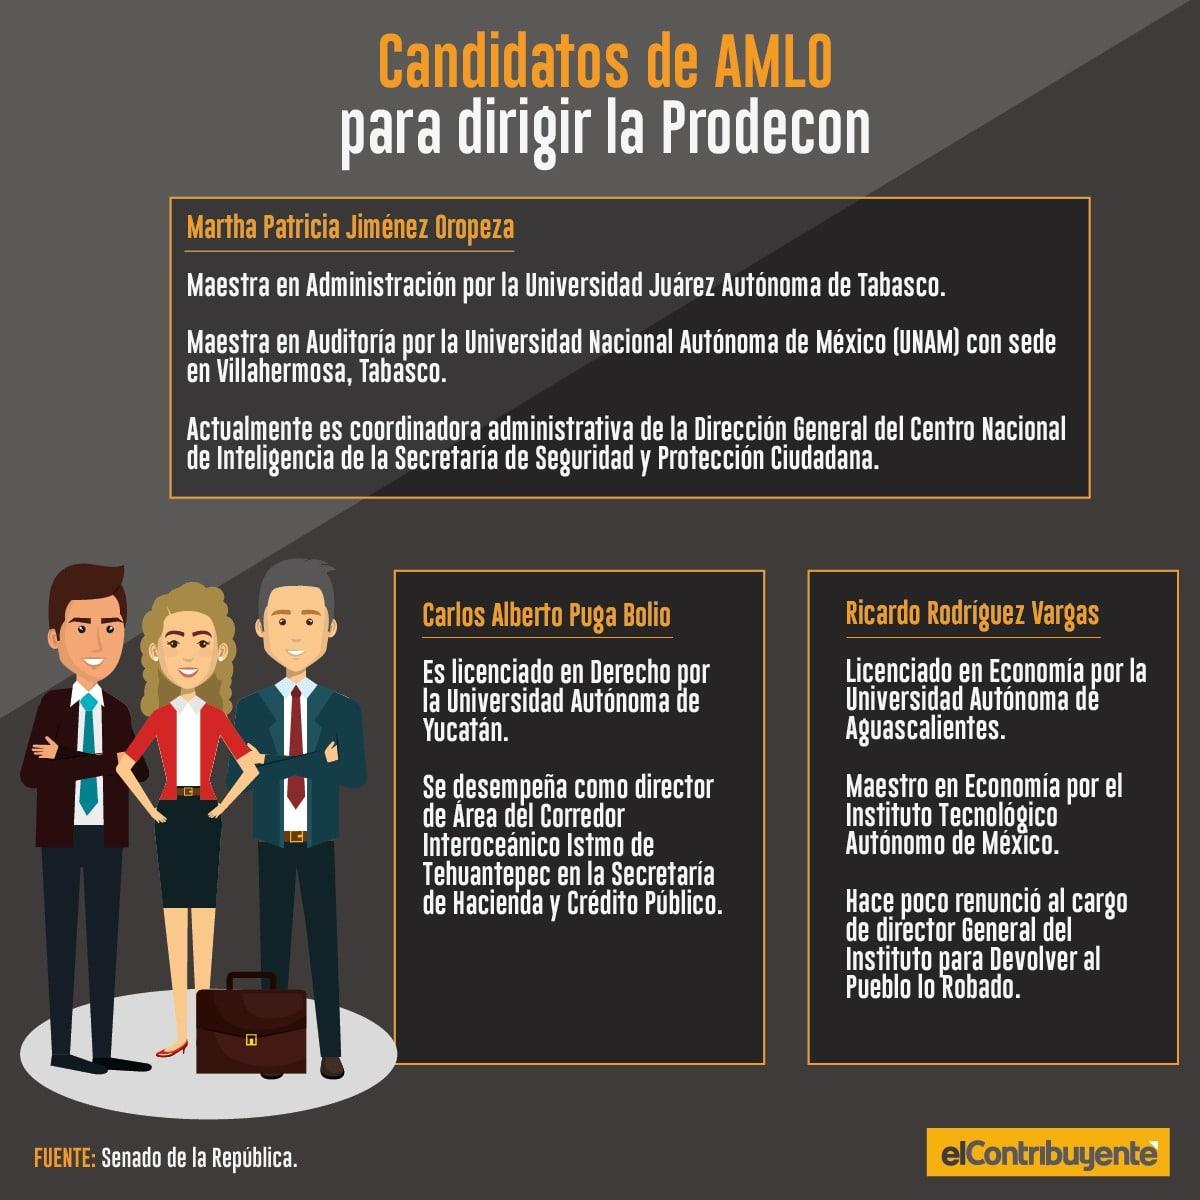 Candidatos de AMLO para dirigir la Prodecon